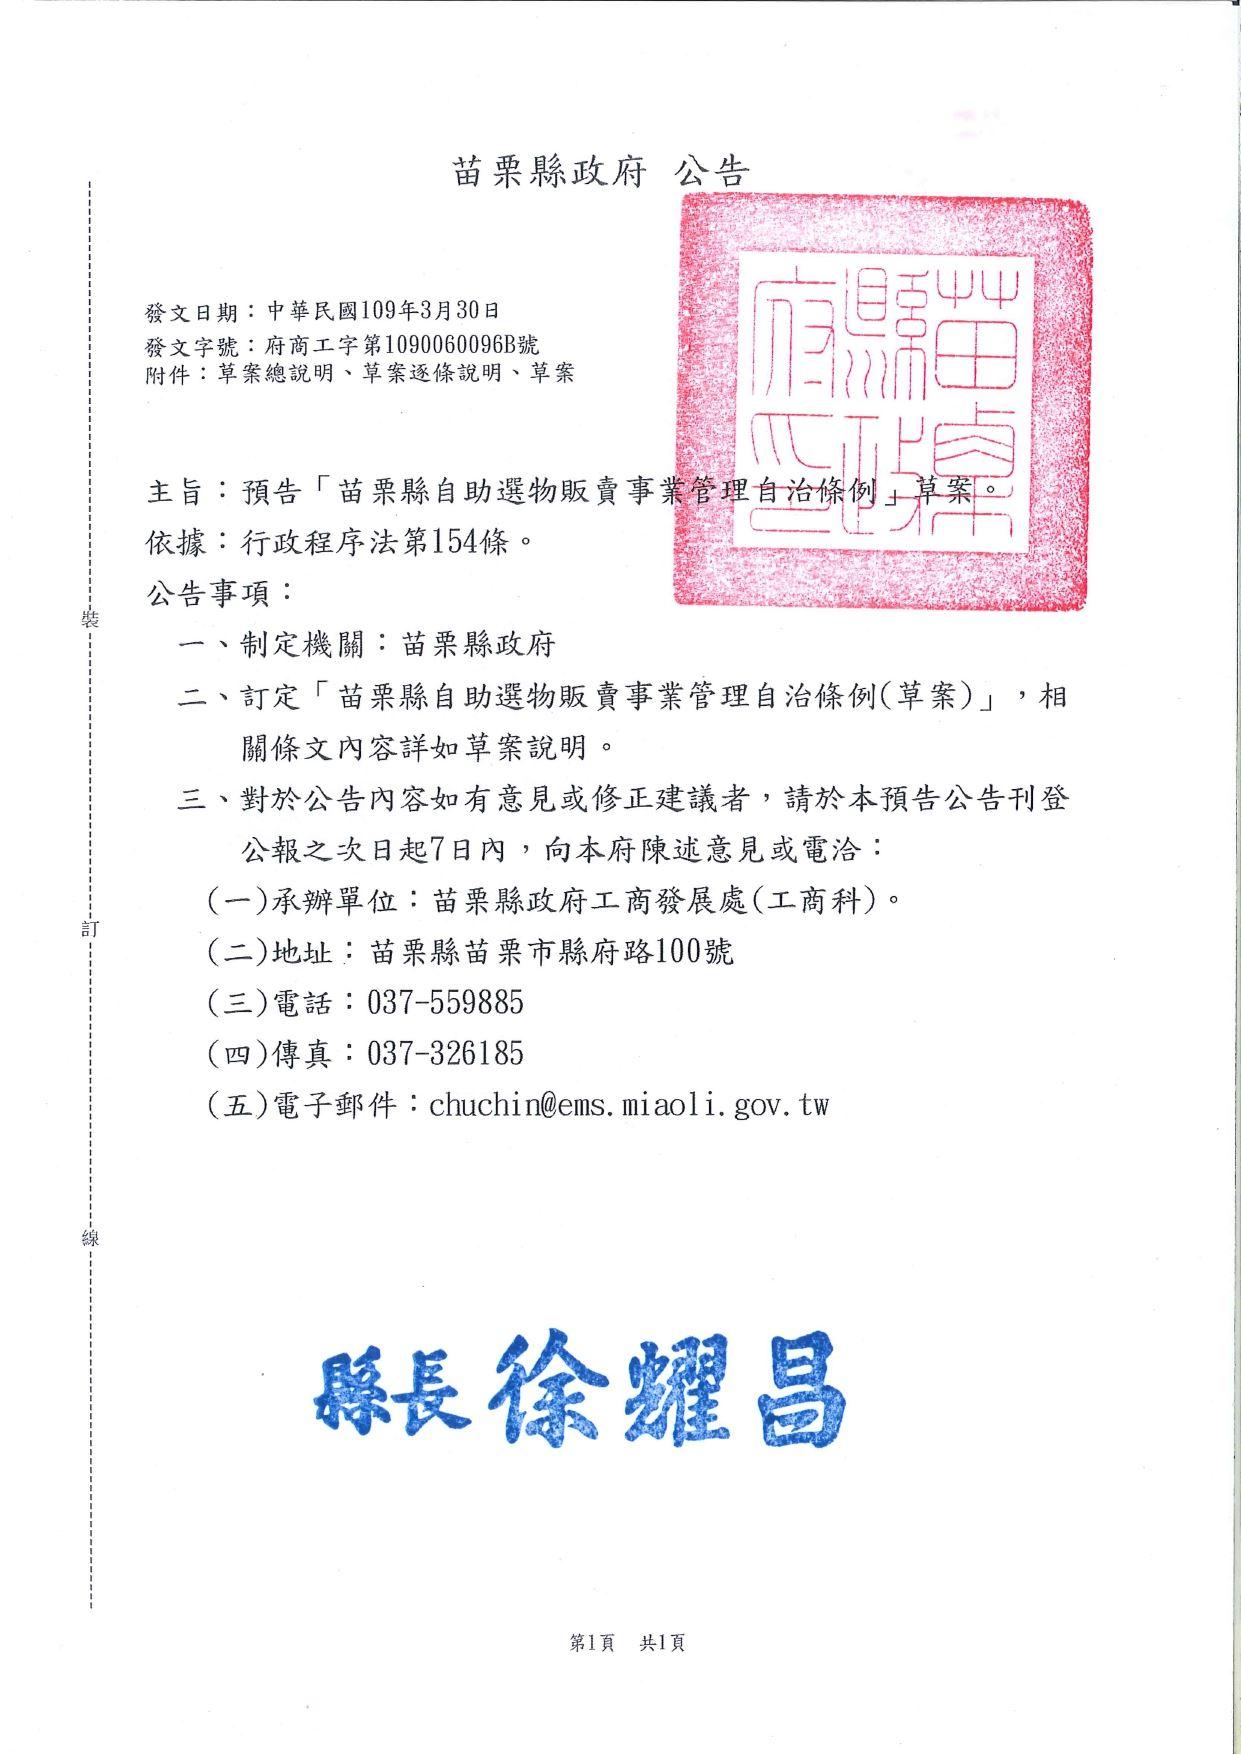 預告訂定「苗栗縣自助選物販賣事業管理自治條例 (草案)」